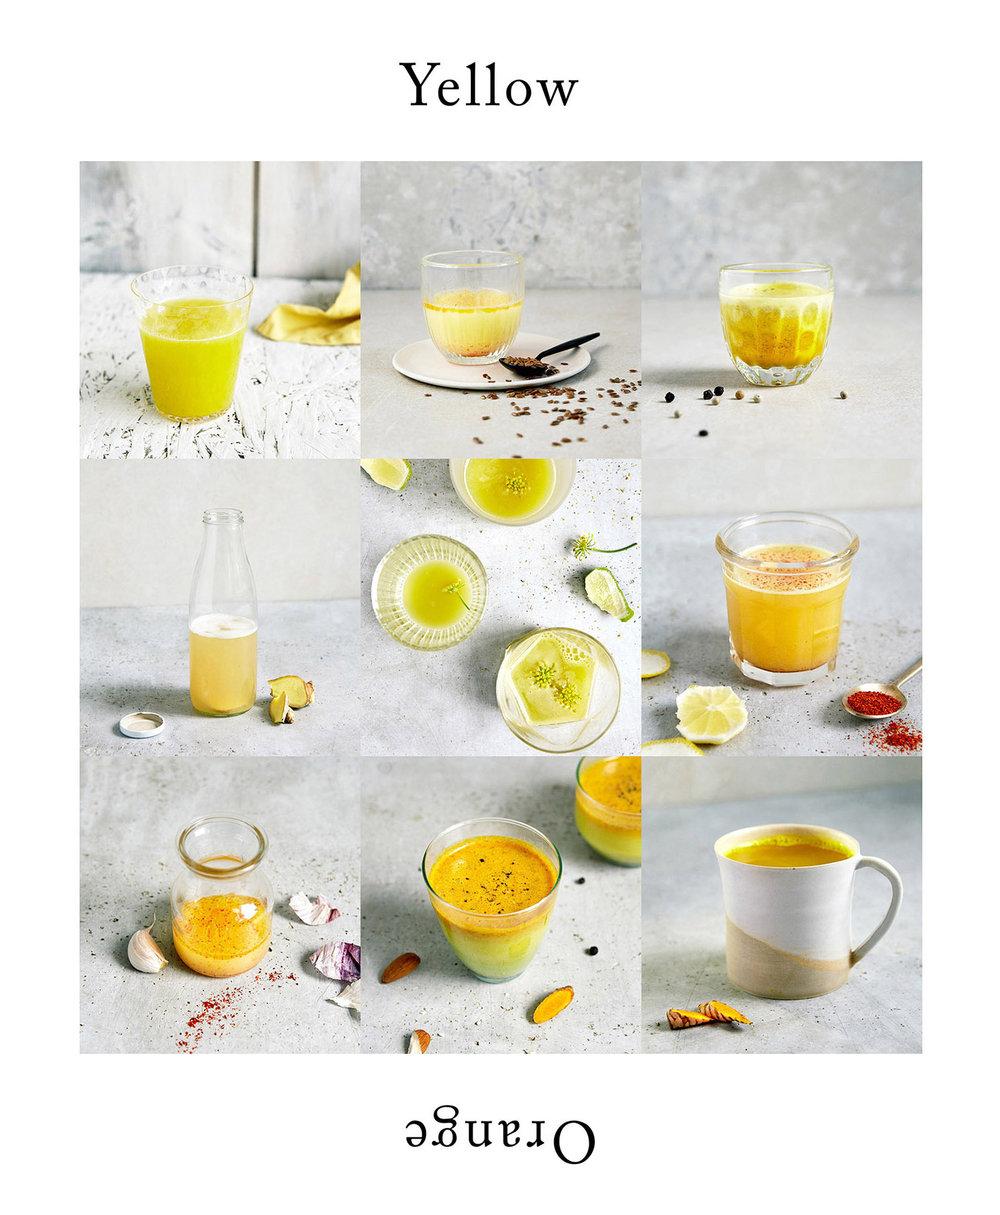 _MG_4607 1_Yellow_Site.jpg